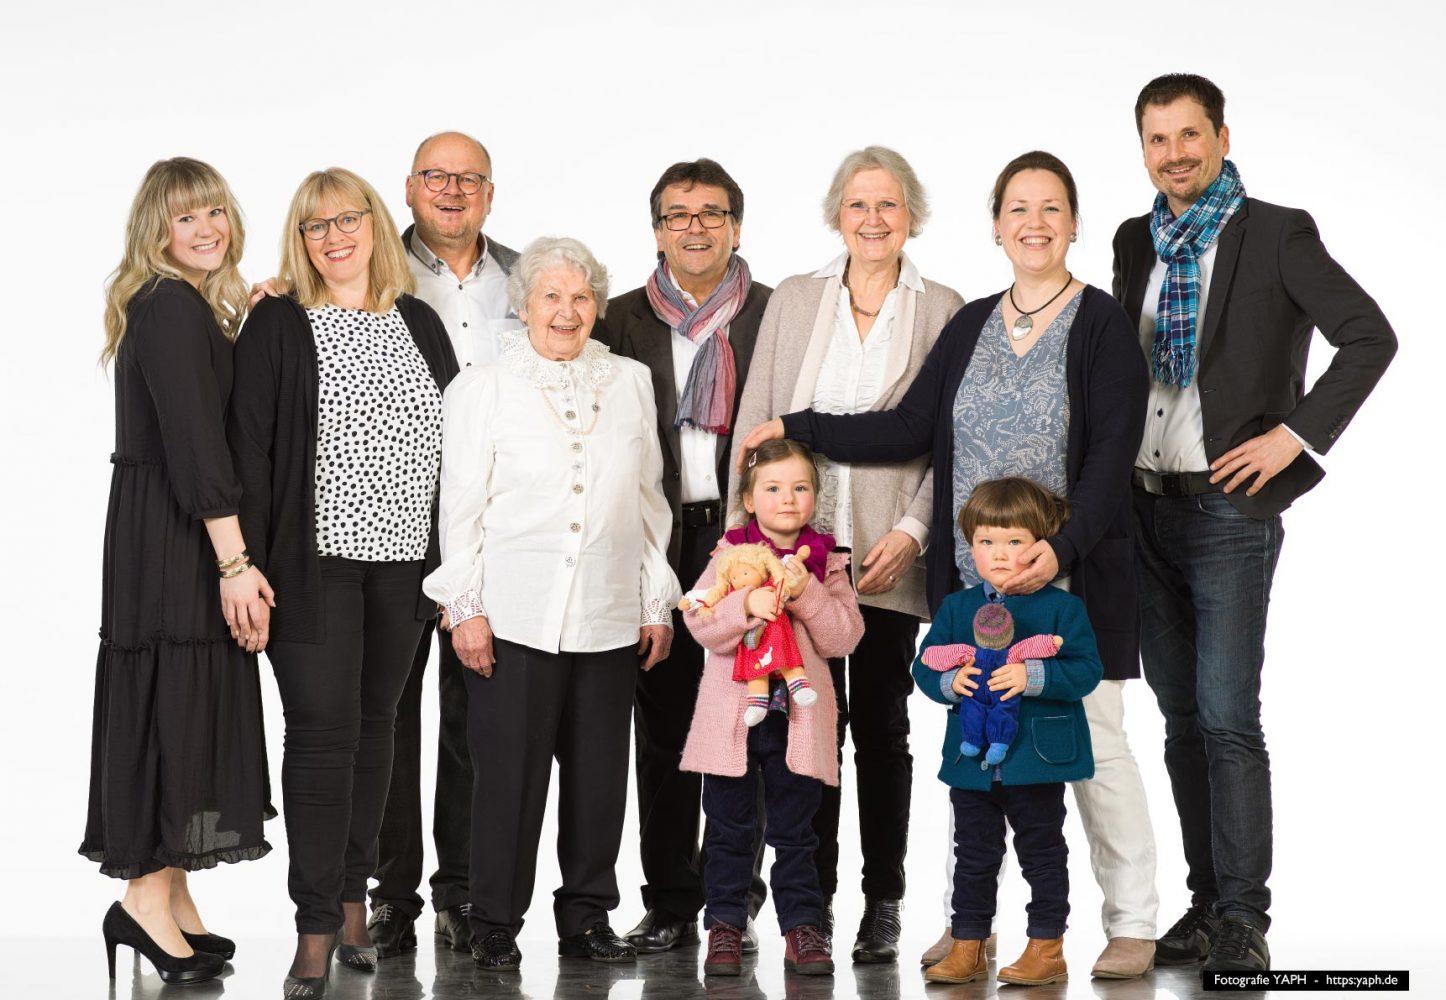 Fotoshooting für Familien im Fotostudio Yaph in Trier, Ein Familienfoto, auf dem jeder, jede sich gefällt.